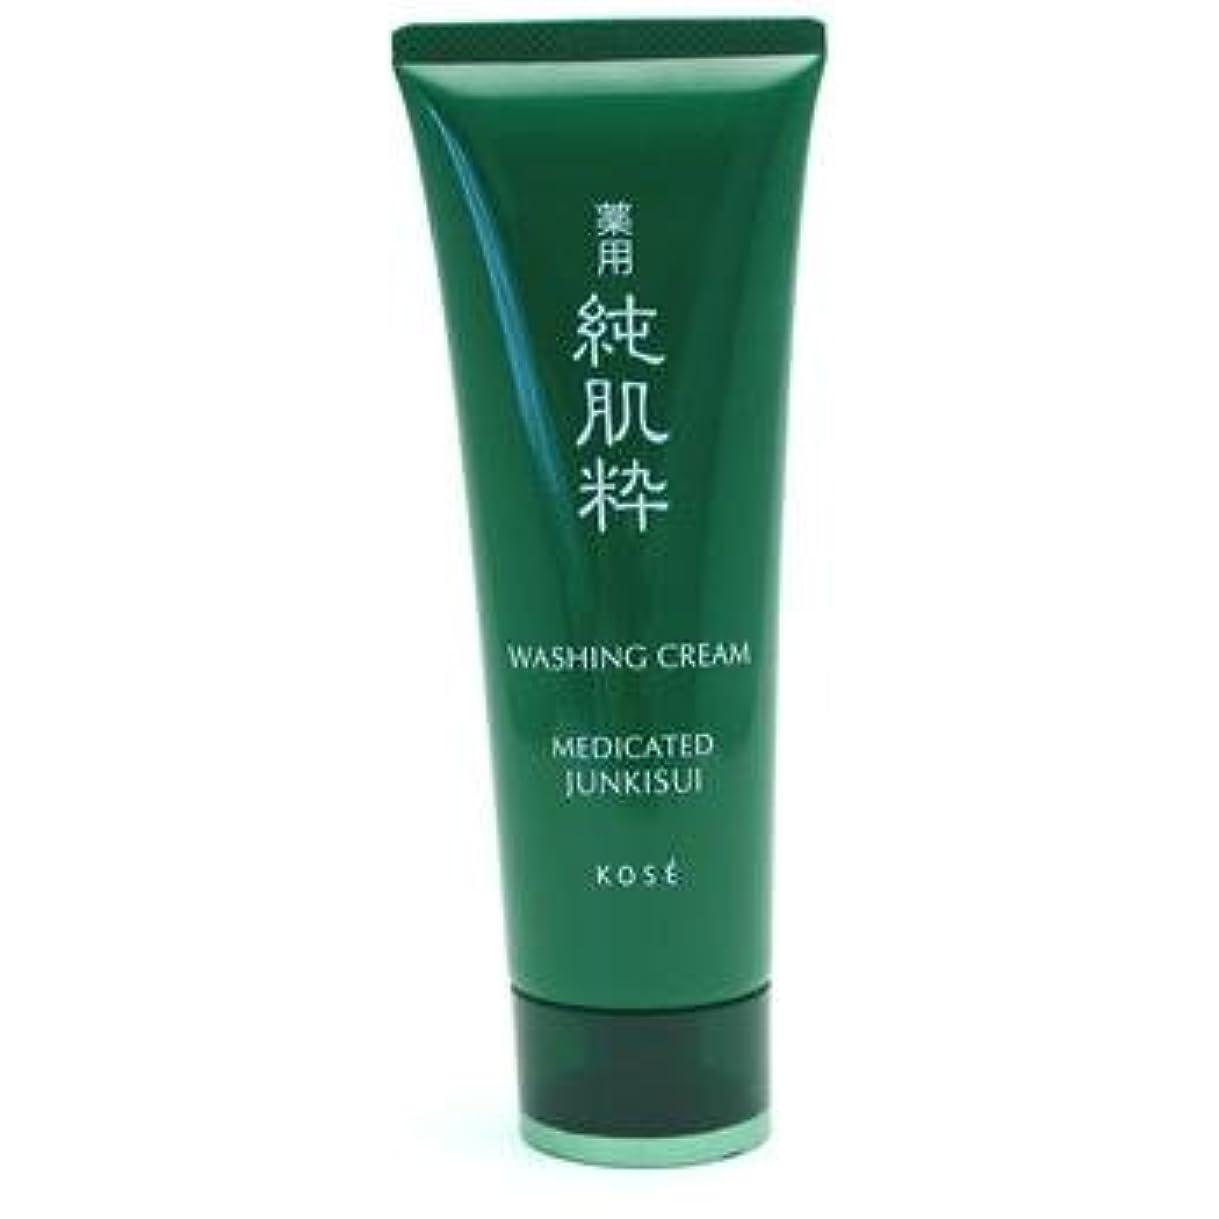 むしゃむしゃブース未払いコーセー 薬用純肌粋 洗顔クリーム<医薬部外品>(120g)